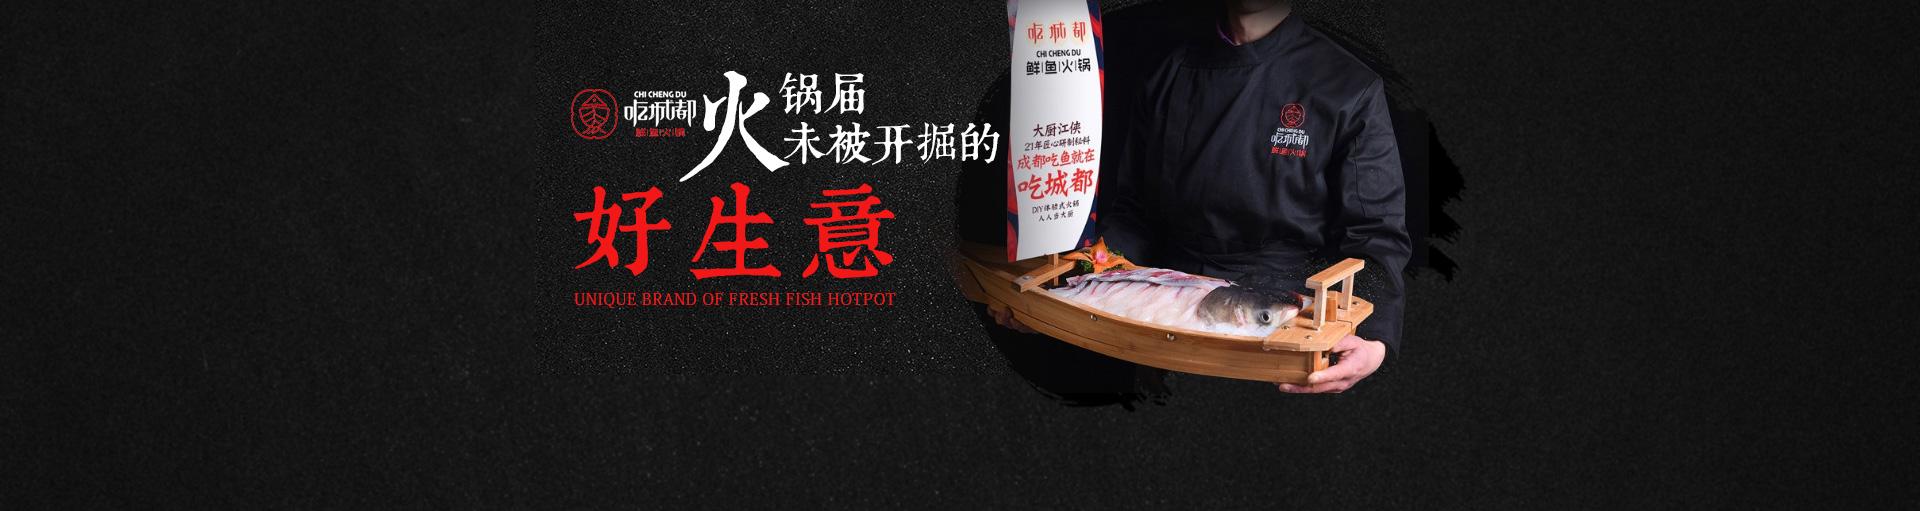 吃城都鱼火锅